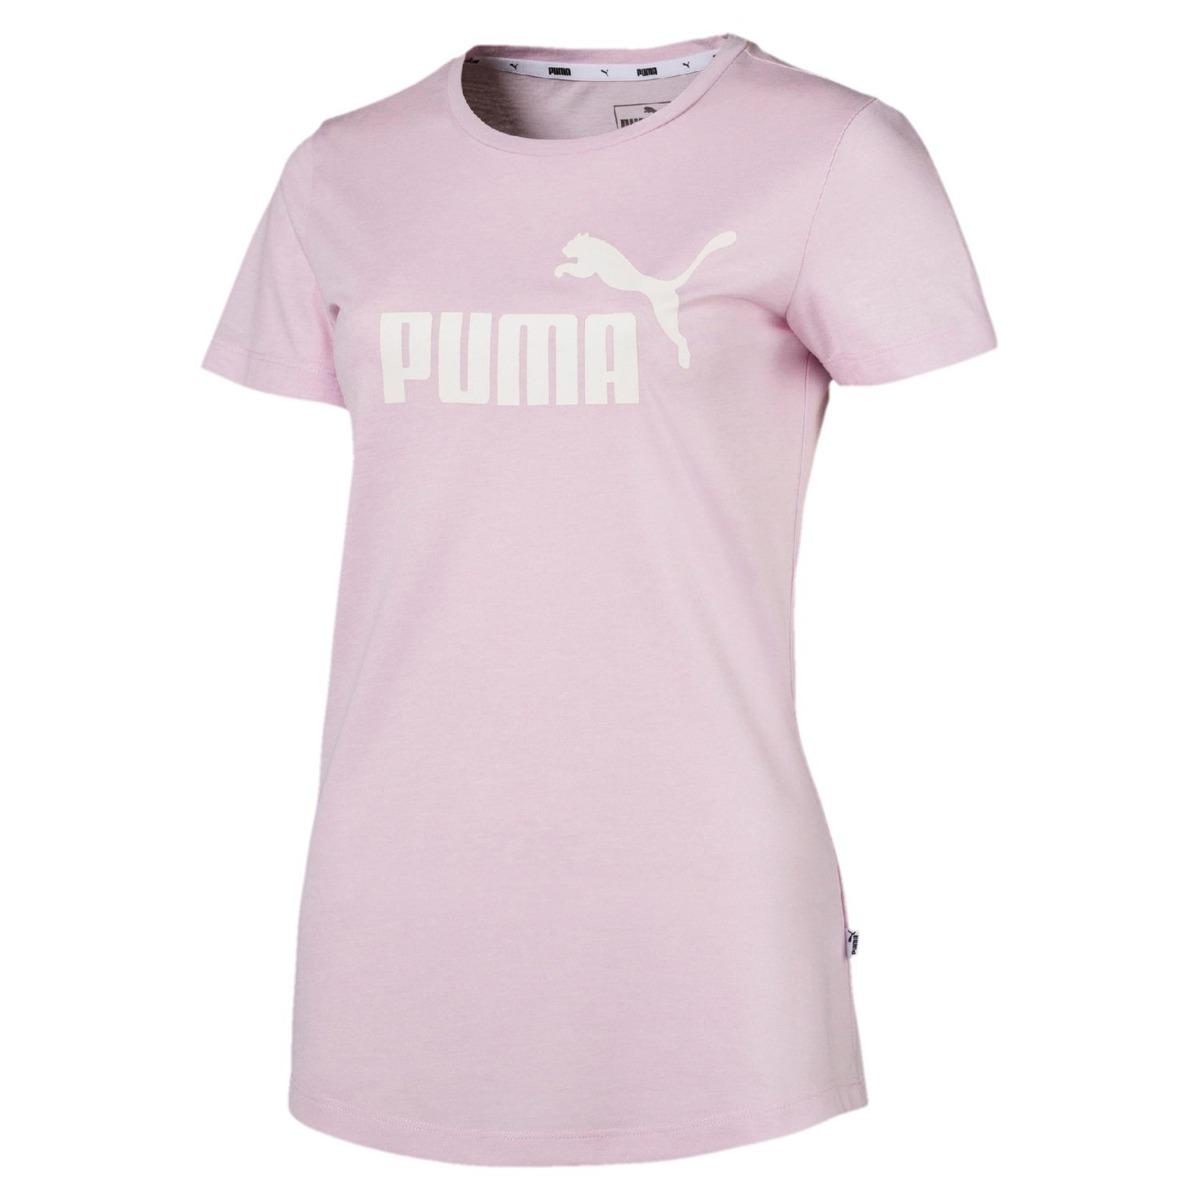 df25f46010 camiseta puma essentials heather tee feminina 85212746 - g -. Carregando  zoom.